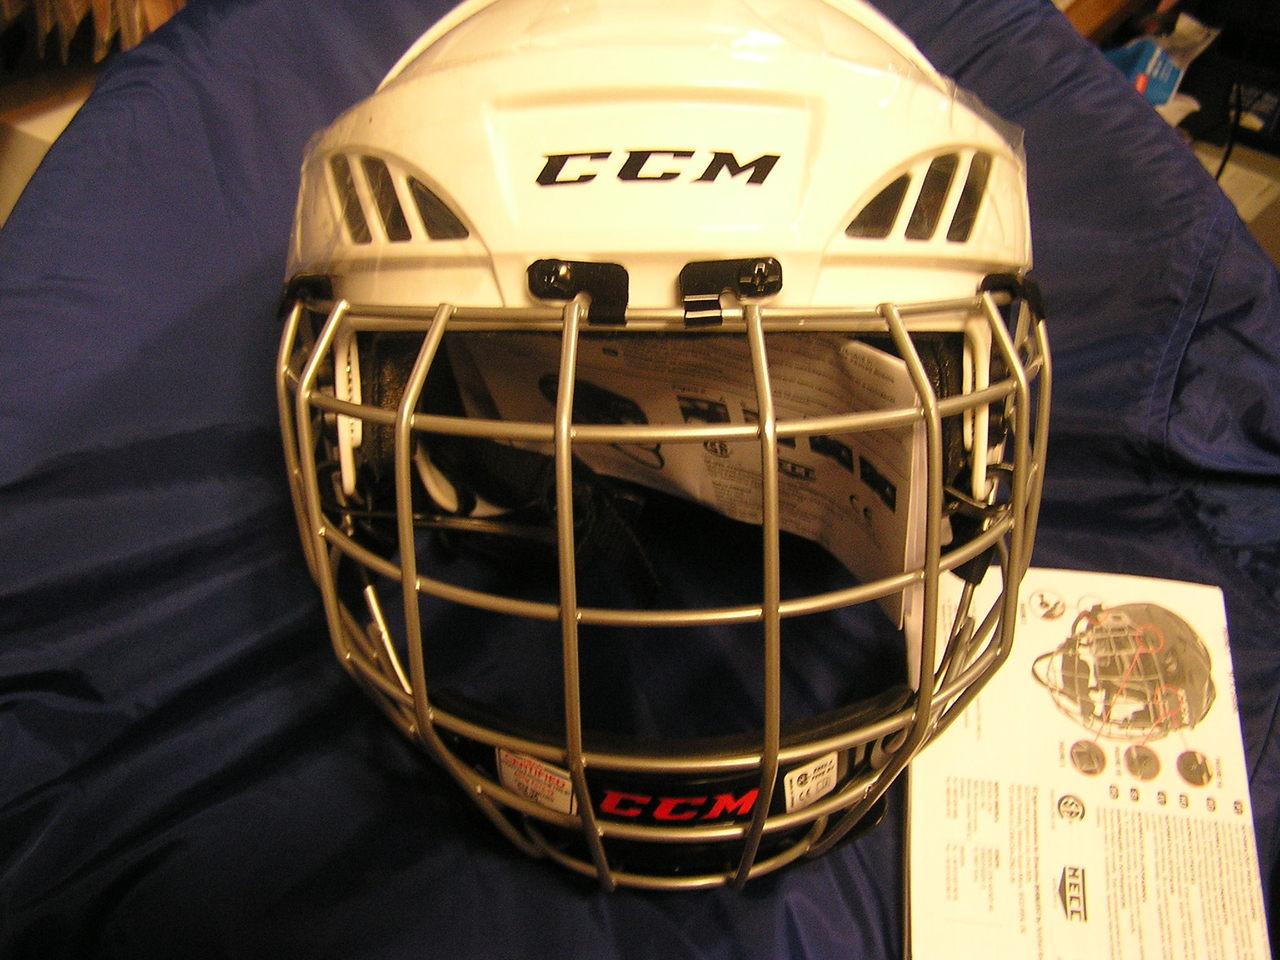 f40f1f01988 CCM FL40 Hockey Helmet Combo Fit Clips  Tool free length adjustment Tool  free length adjustment